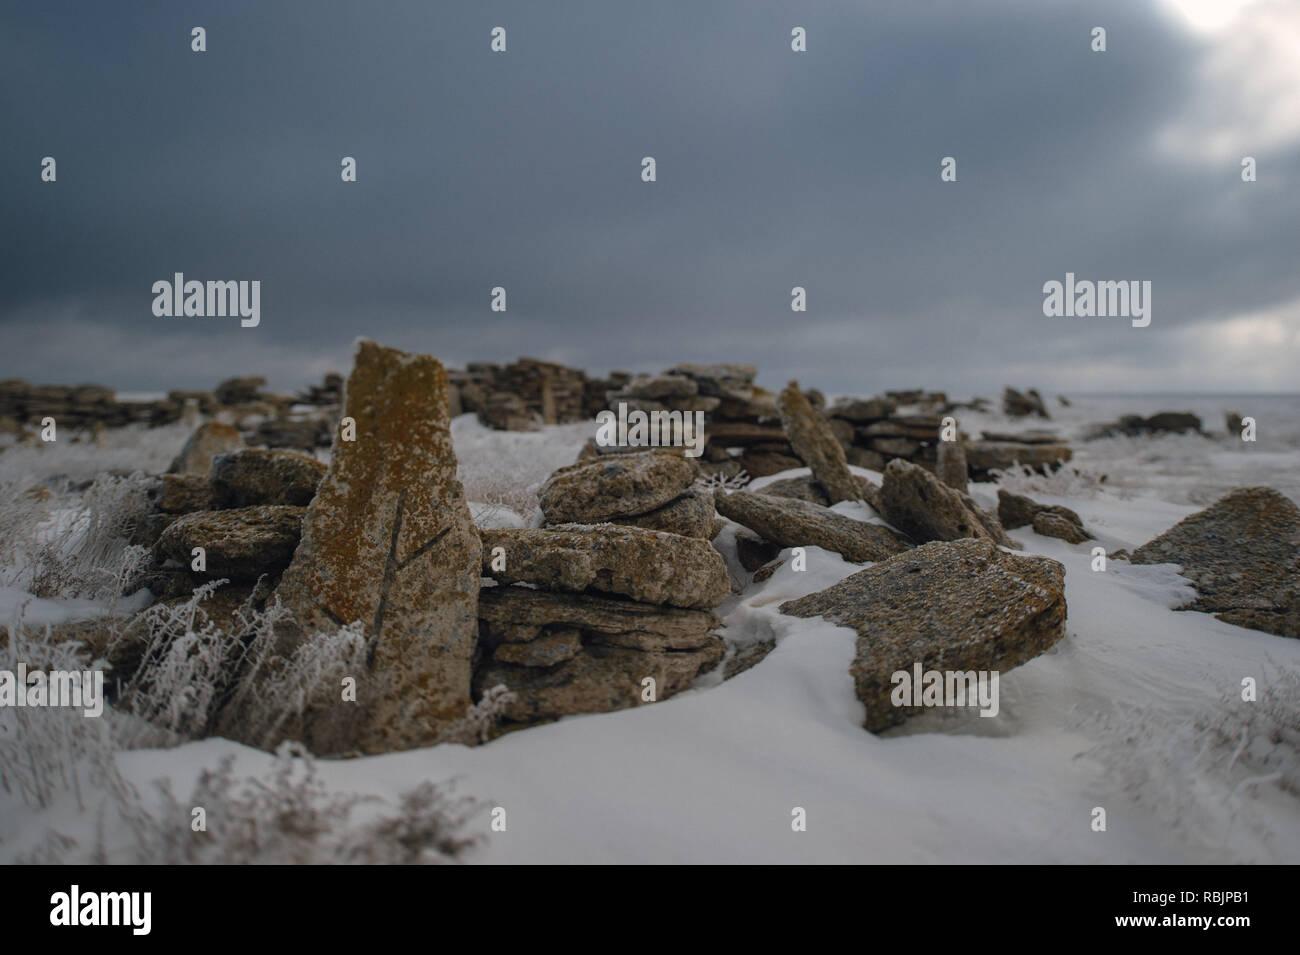 Gravesites left by nomadic Kazakhs on the desolate Ustyurt Plateau near the Uzbekistan Kazakhstan border. - Stock Image